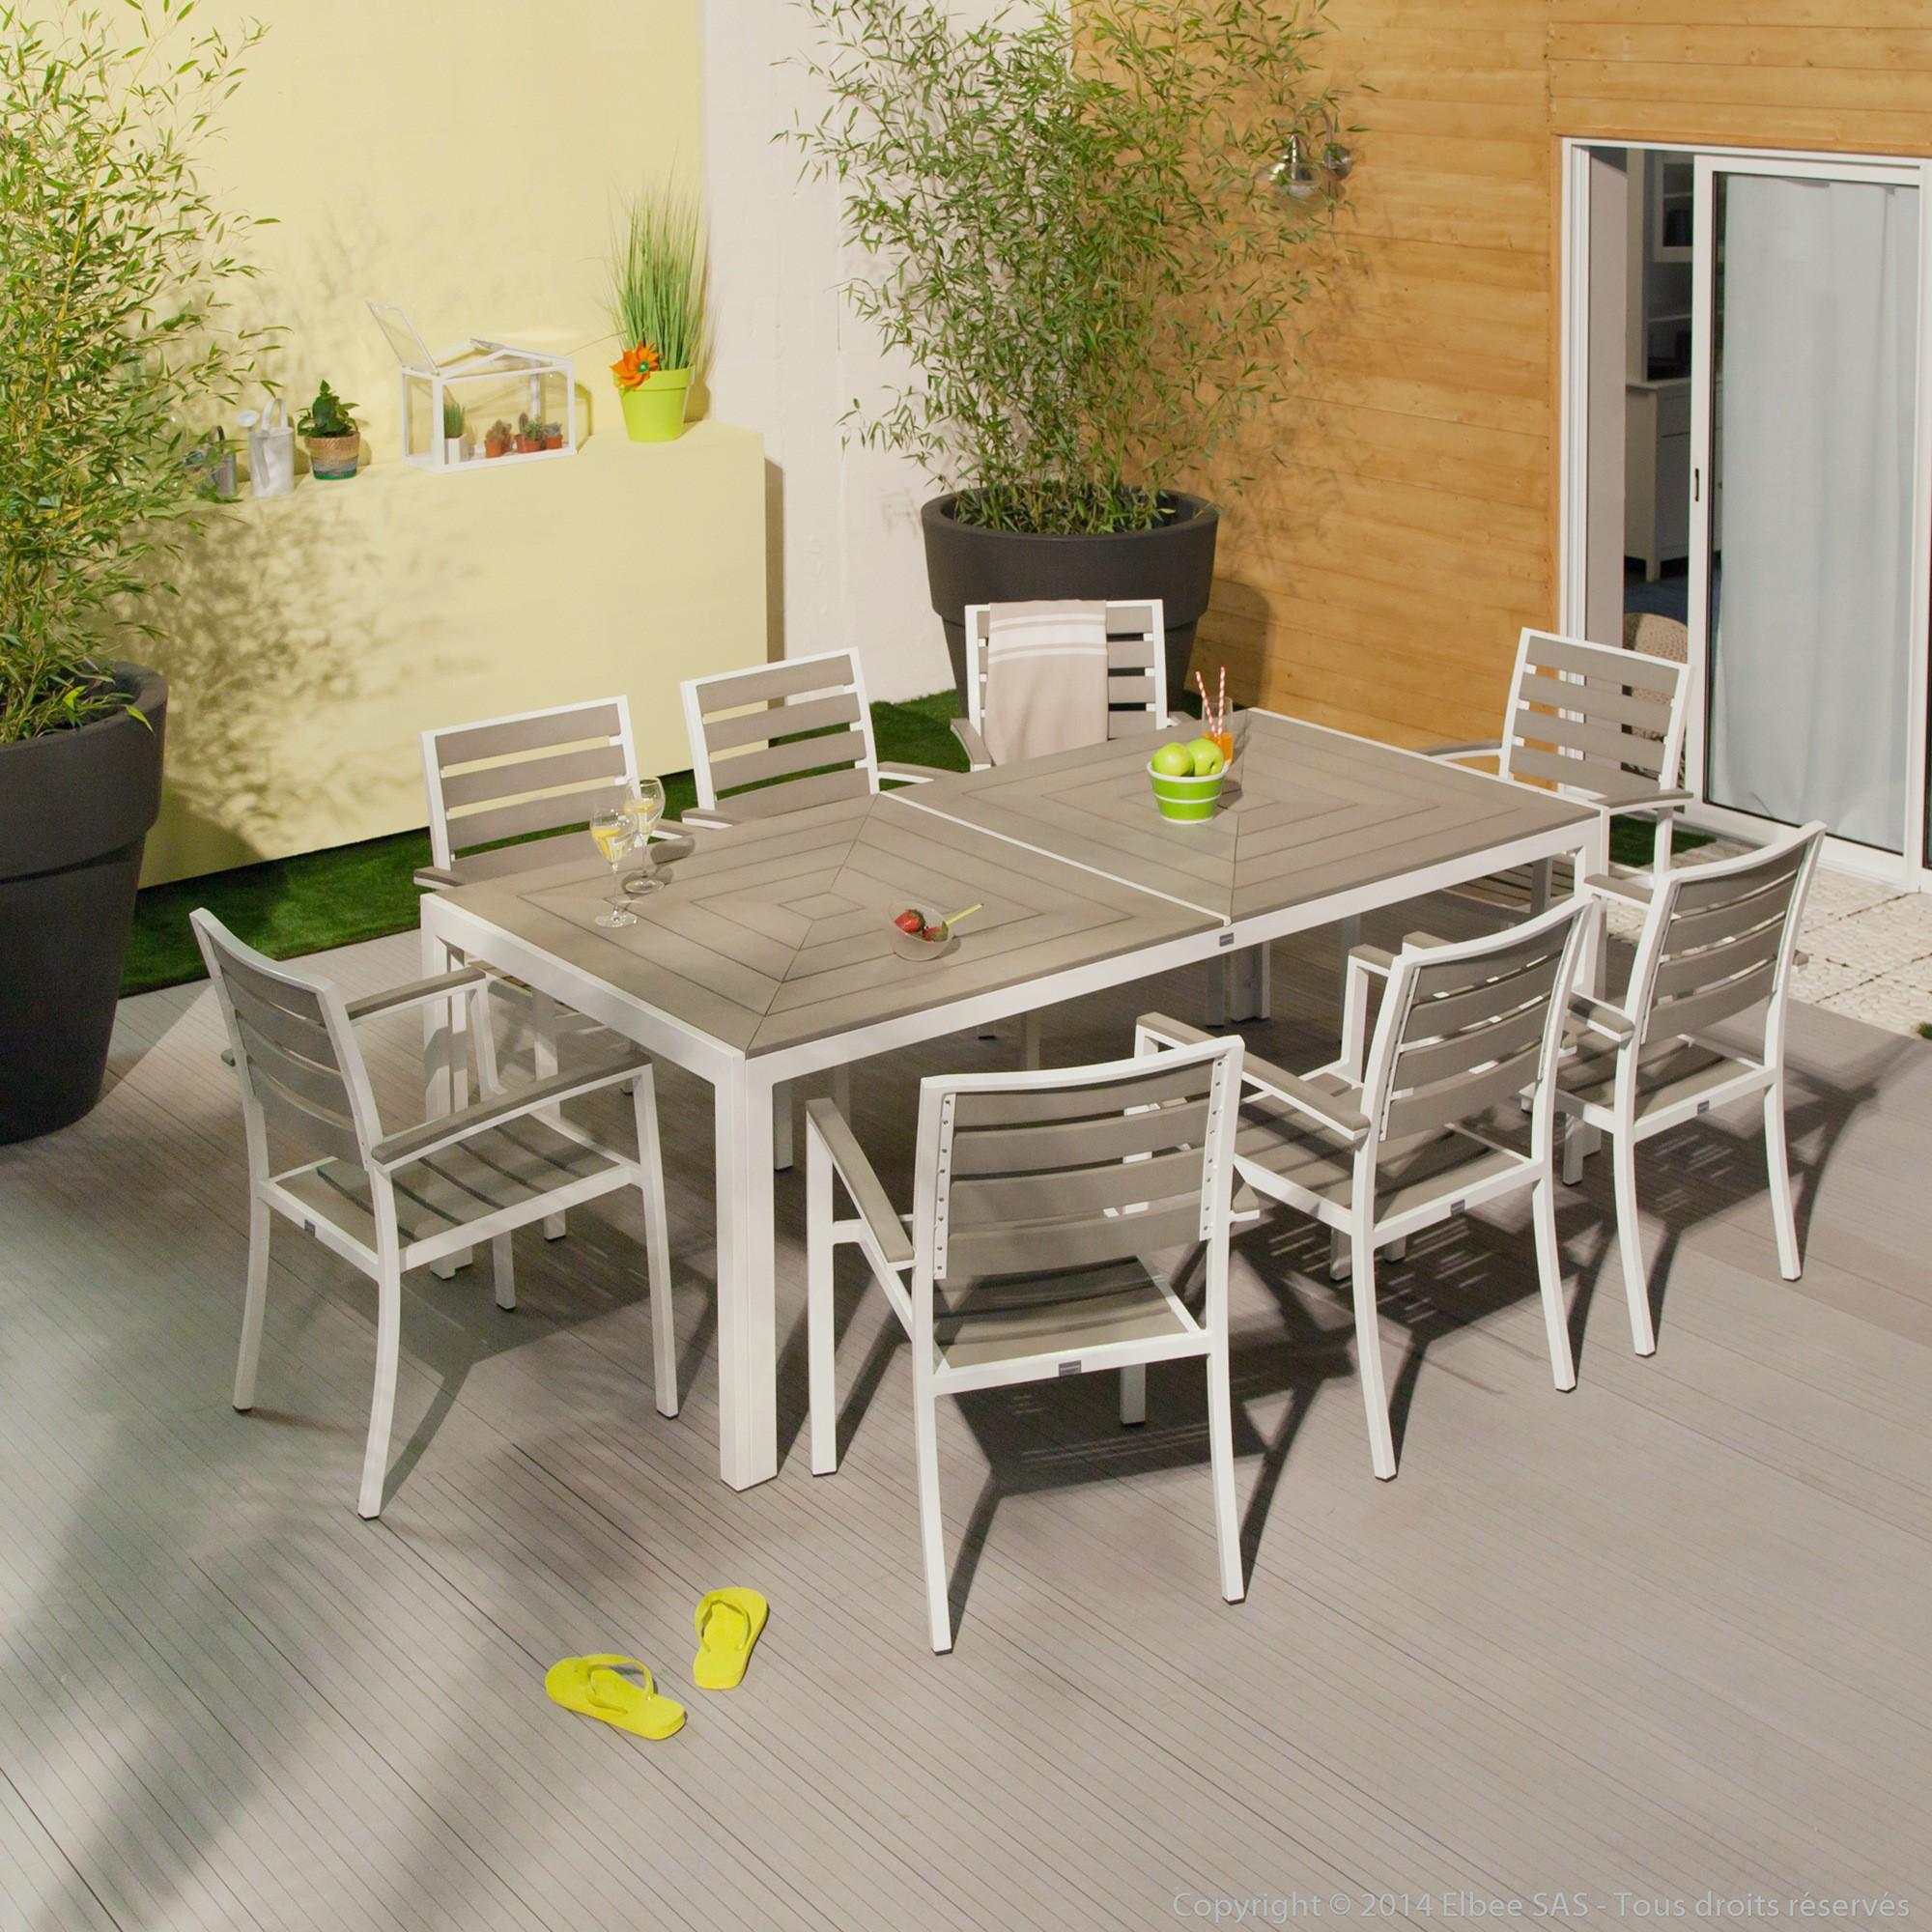 Salon de jardin en aluminium jardiland - Mailleraye.fr jardin